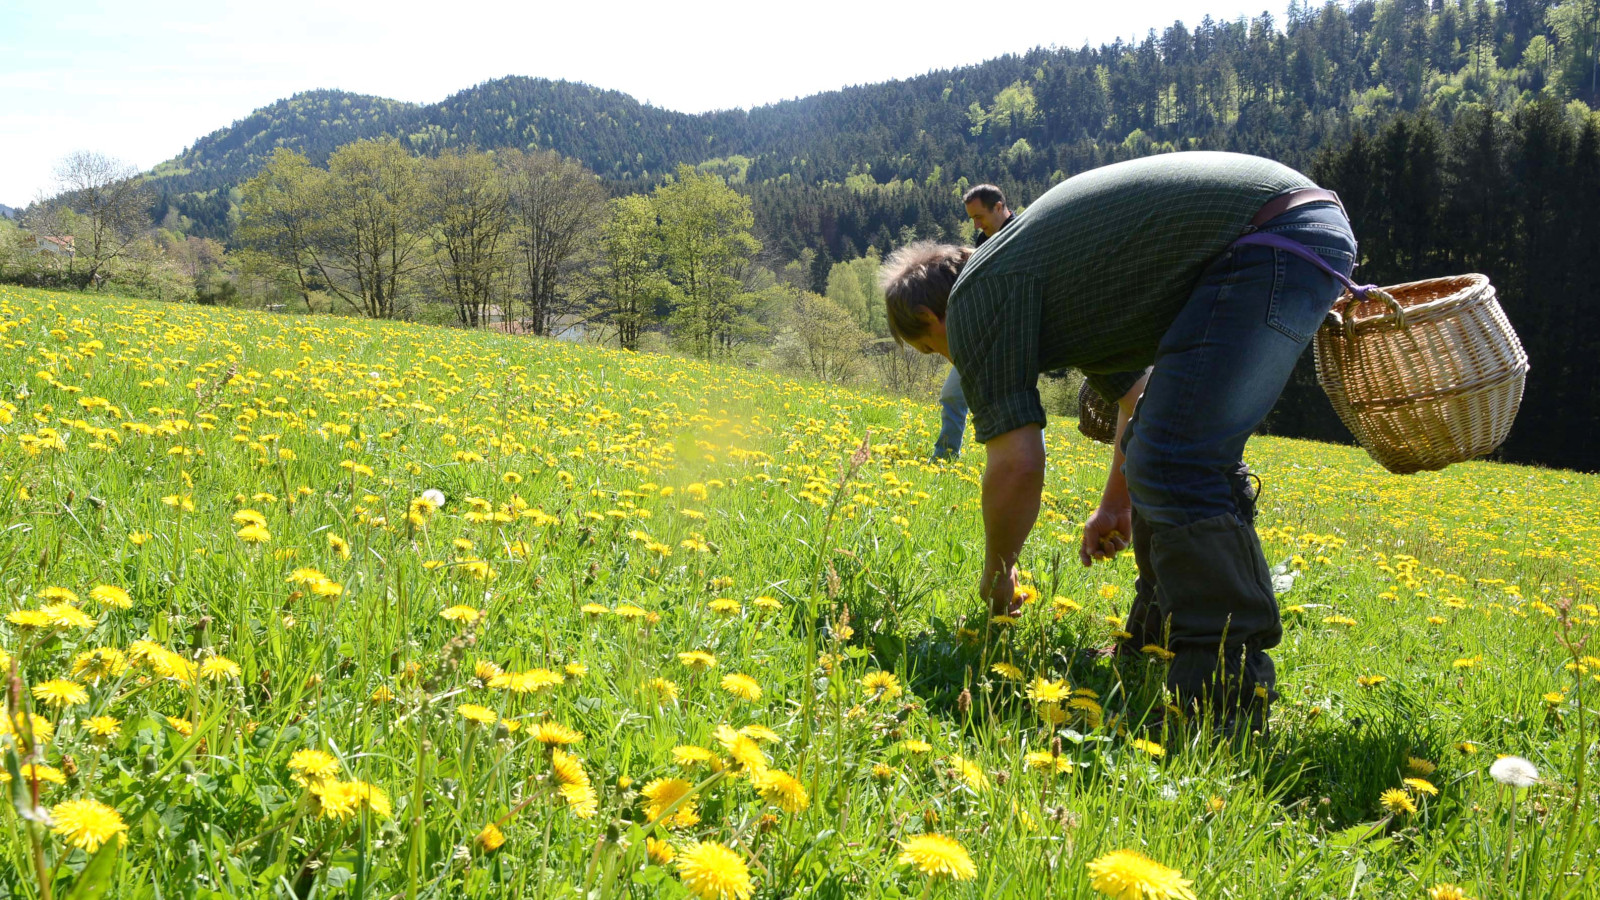 La récolte de pissenlit a lieu plusieurs fois par an, même en hiver.